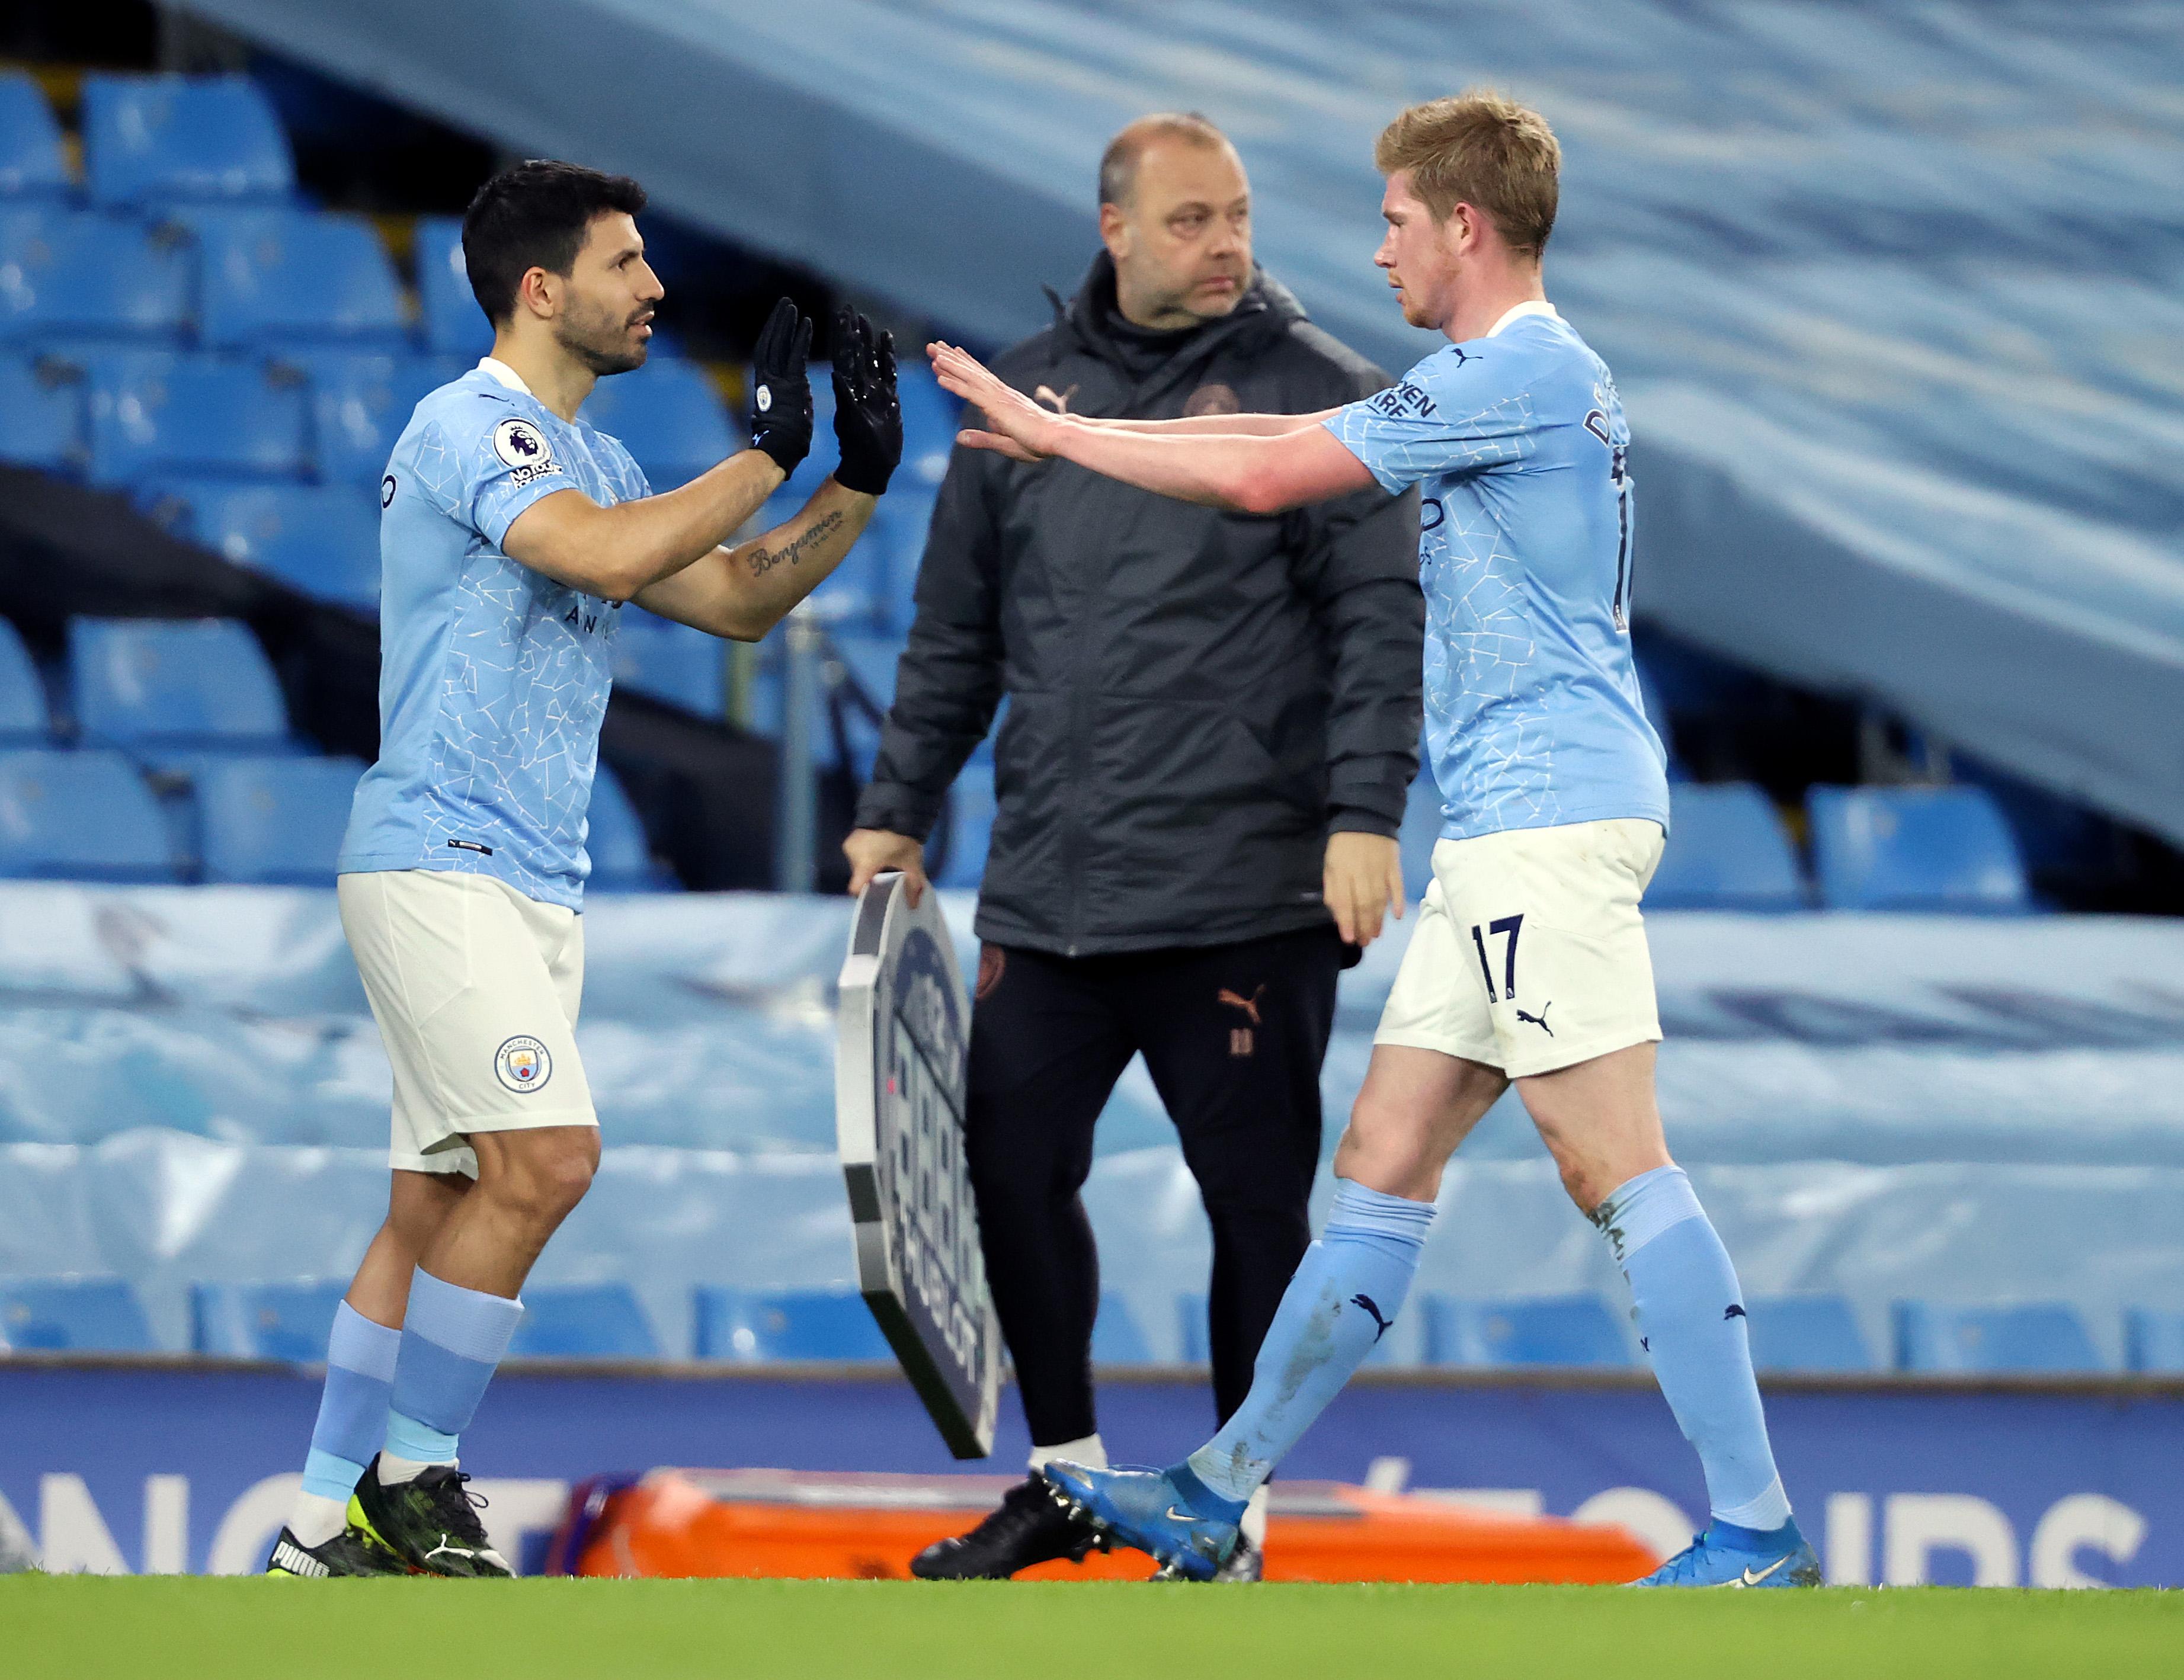 Sergio Aguero replaces Kevin De Bruyne - Manchester City - Premier League